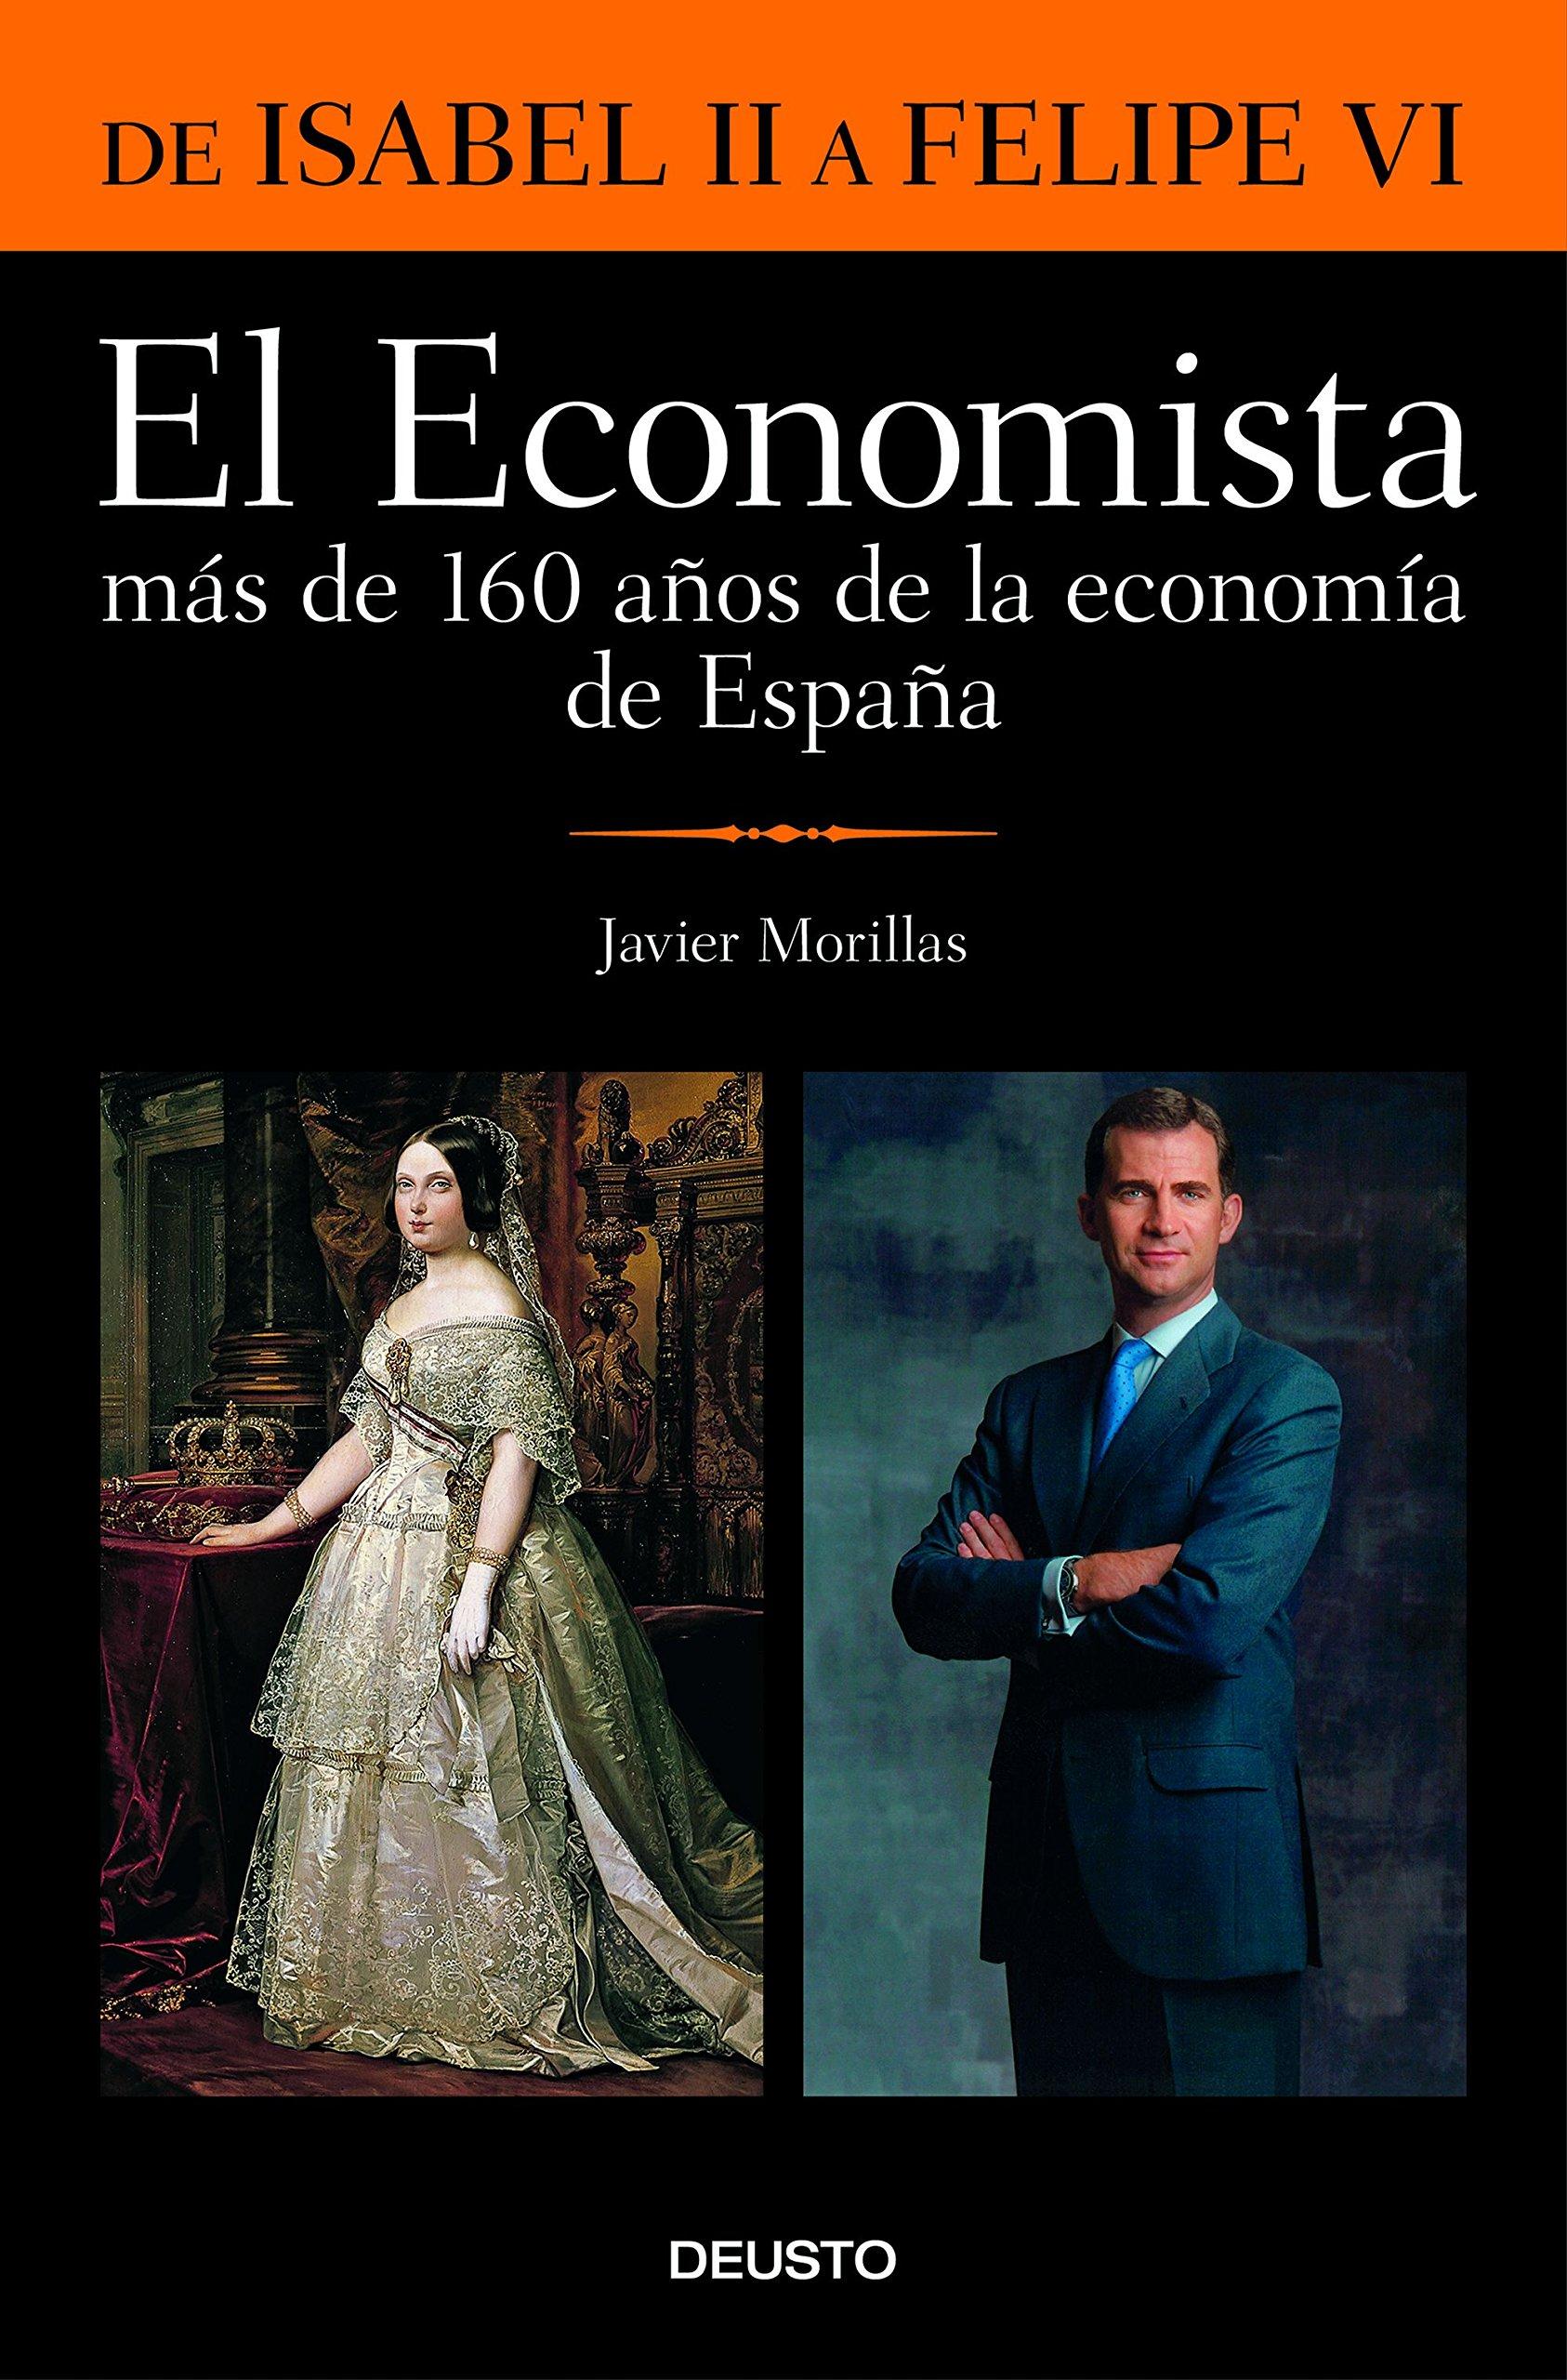 El Economista. Más de 160 años de la economía de España: De Isabel II a Felipe VI Varios: Amazon.es: Morillas, Javier: Libros